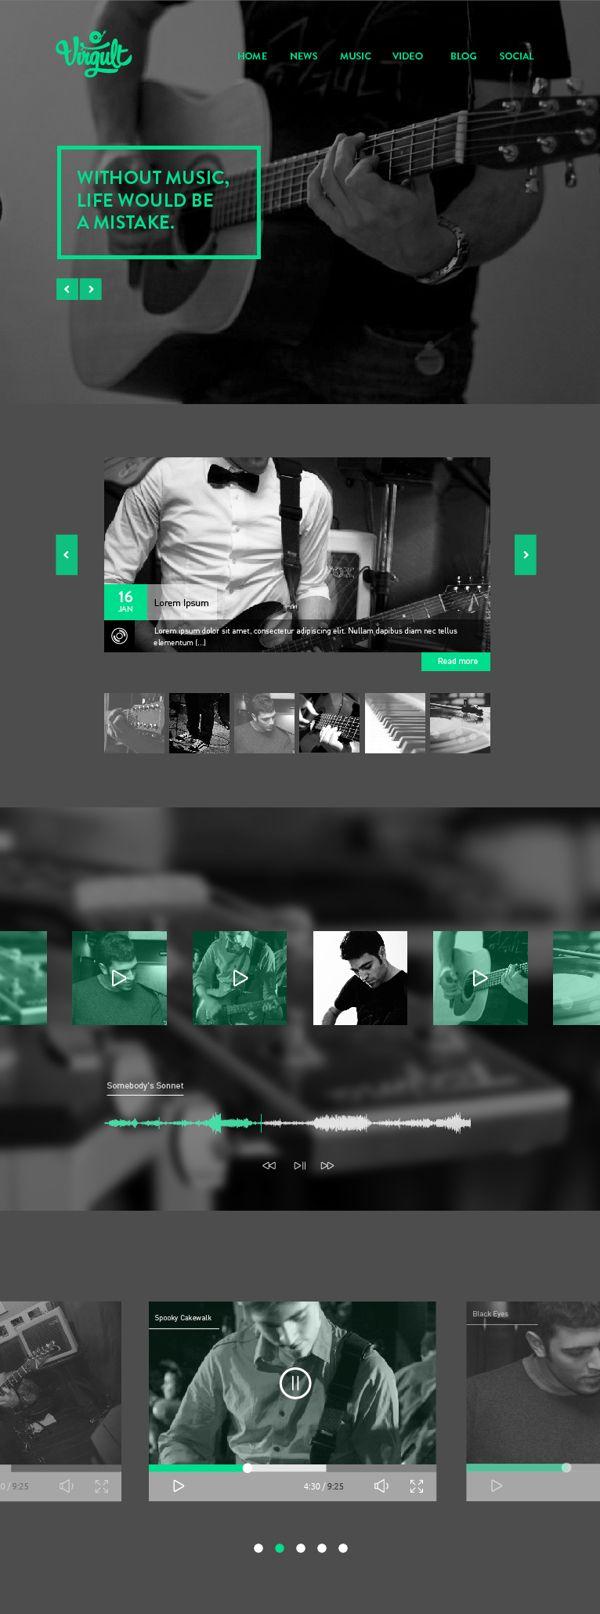 회색계열의 이미지를 사용하면, 세련된 느낌과 통일감을 줄 수있으며, 컬러풀한 이미지를 쉽게 수정이 가능하다는 장점이 있다.